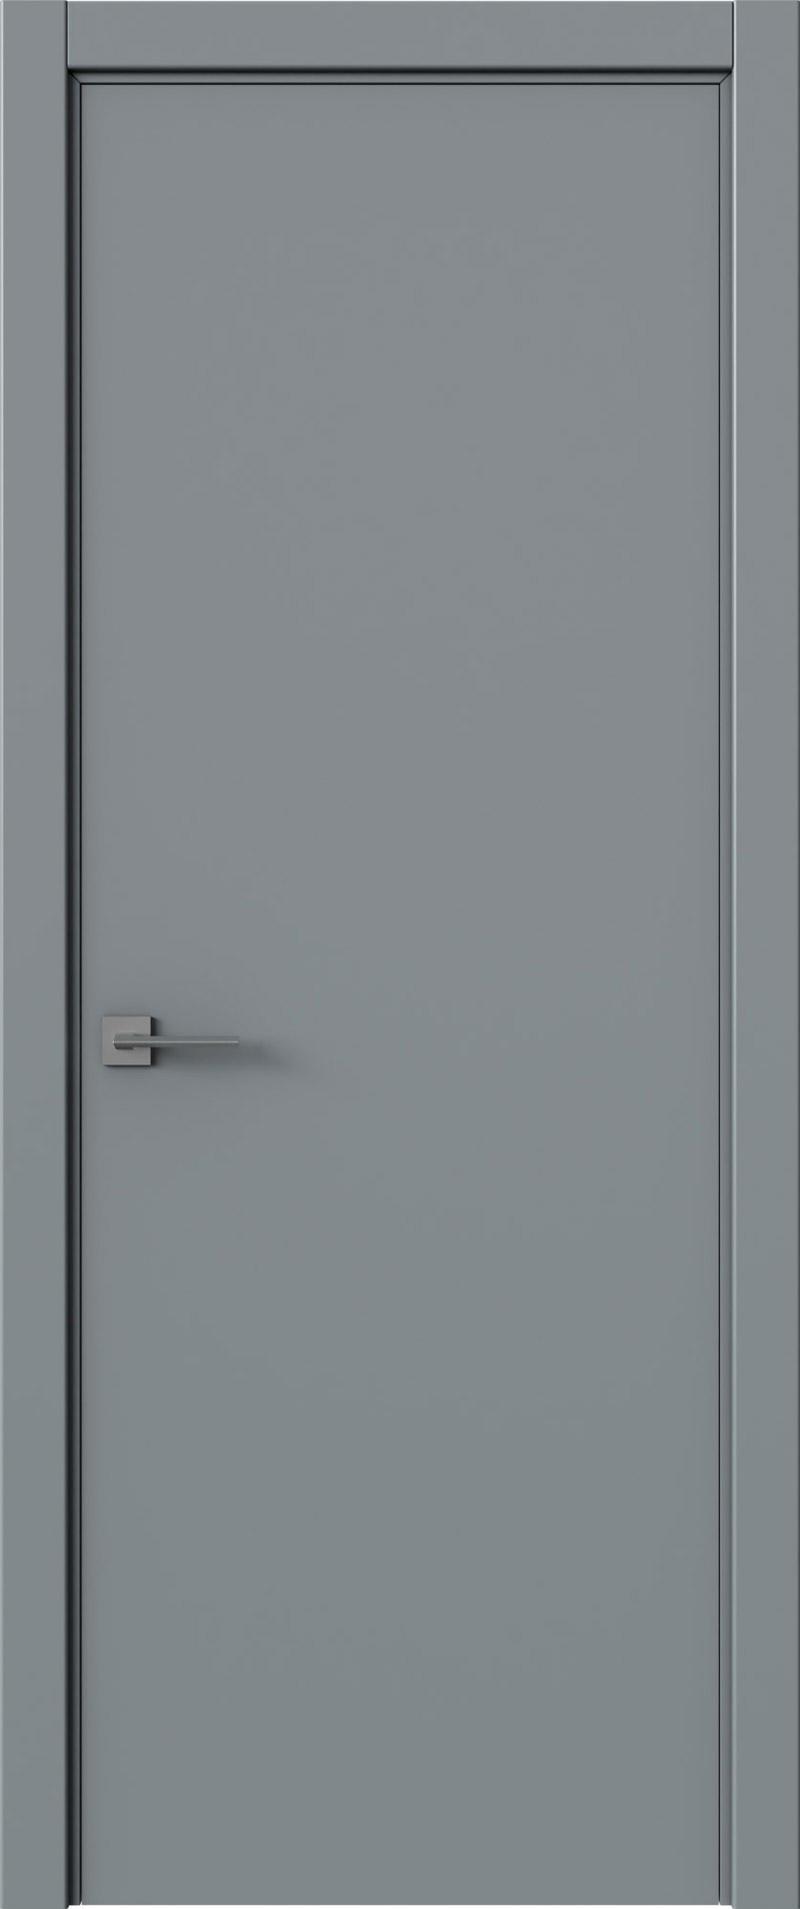 Tivoli А-2 цвет - Серебристо-серая эмаль (RAL 7045) Без стекла (ДГ)